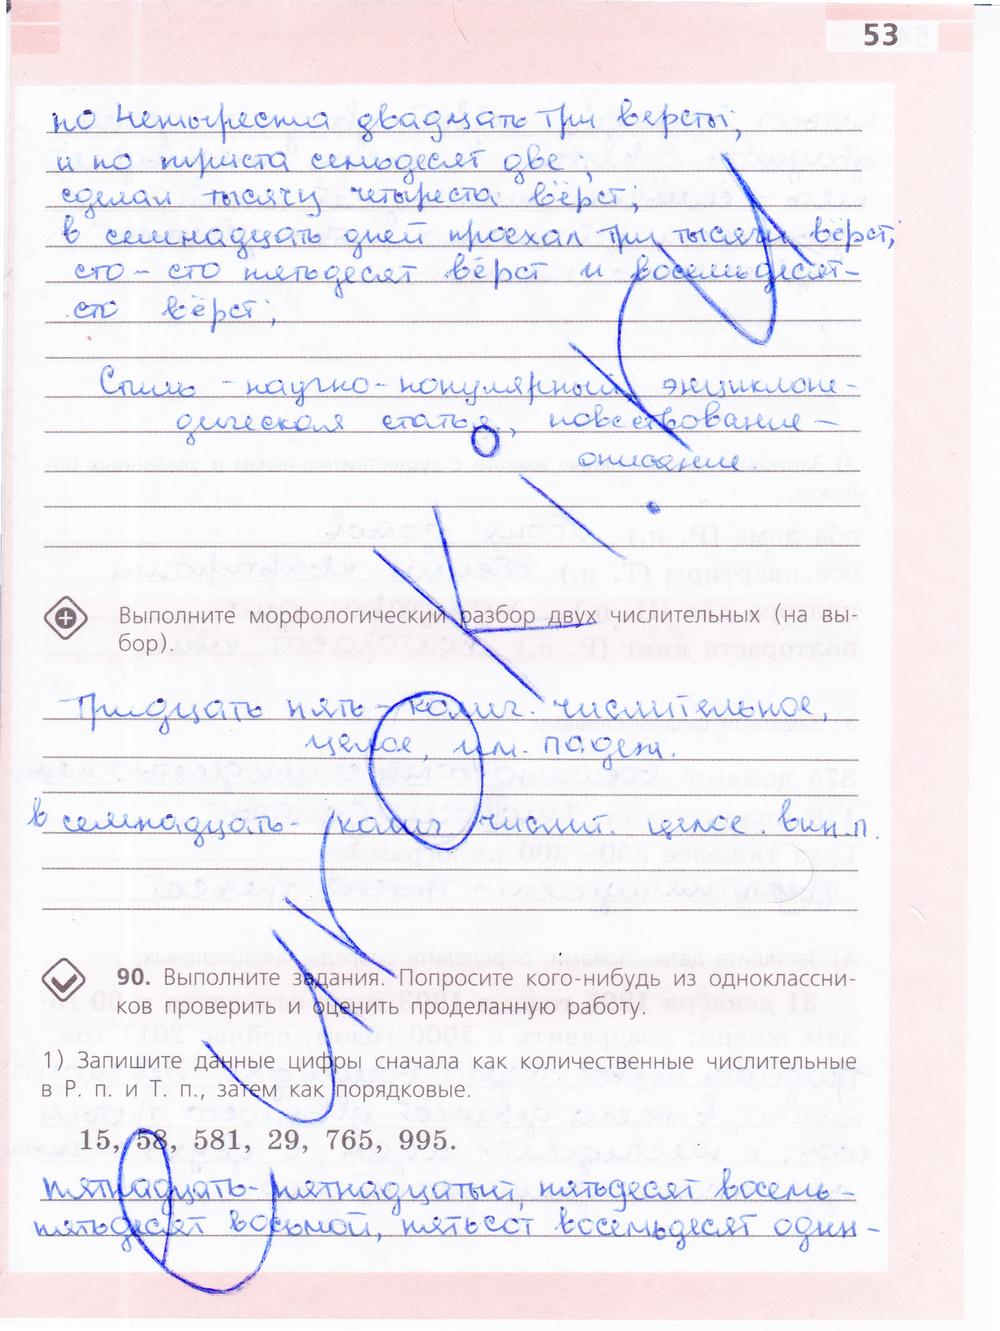 Решебник язык гдз рабочая тетрадь русский класс 6 ефремова